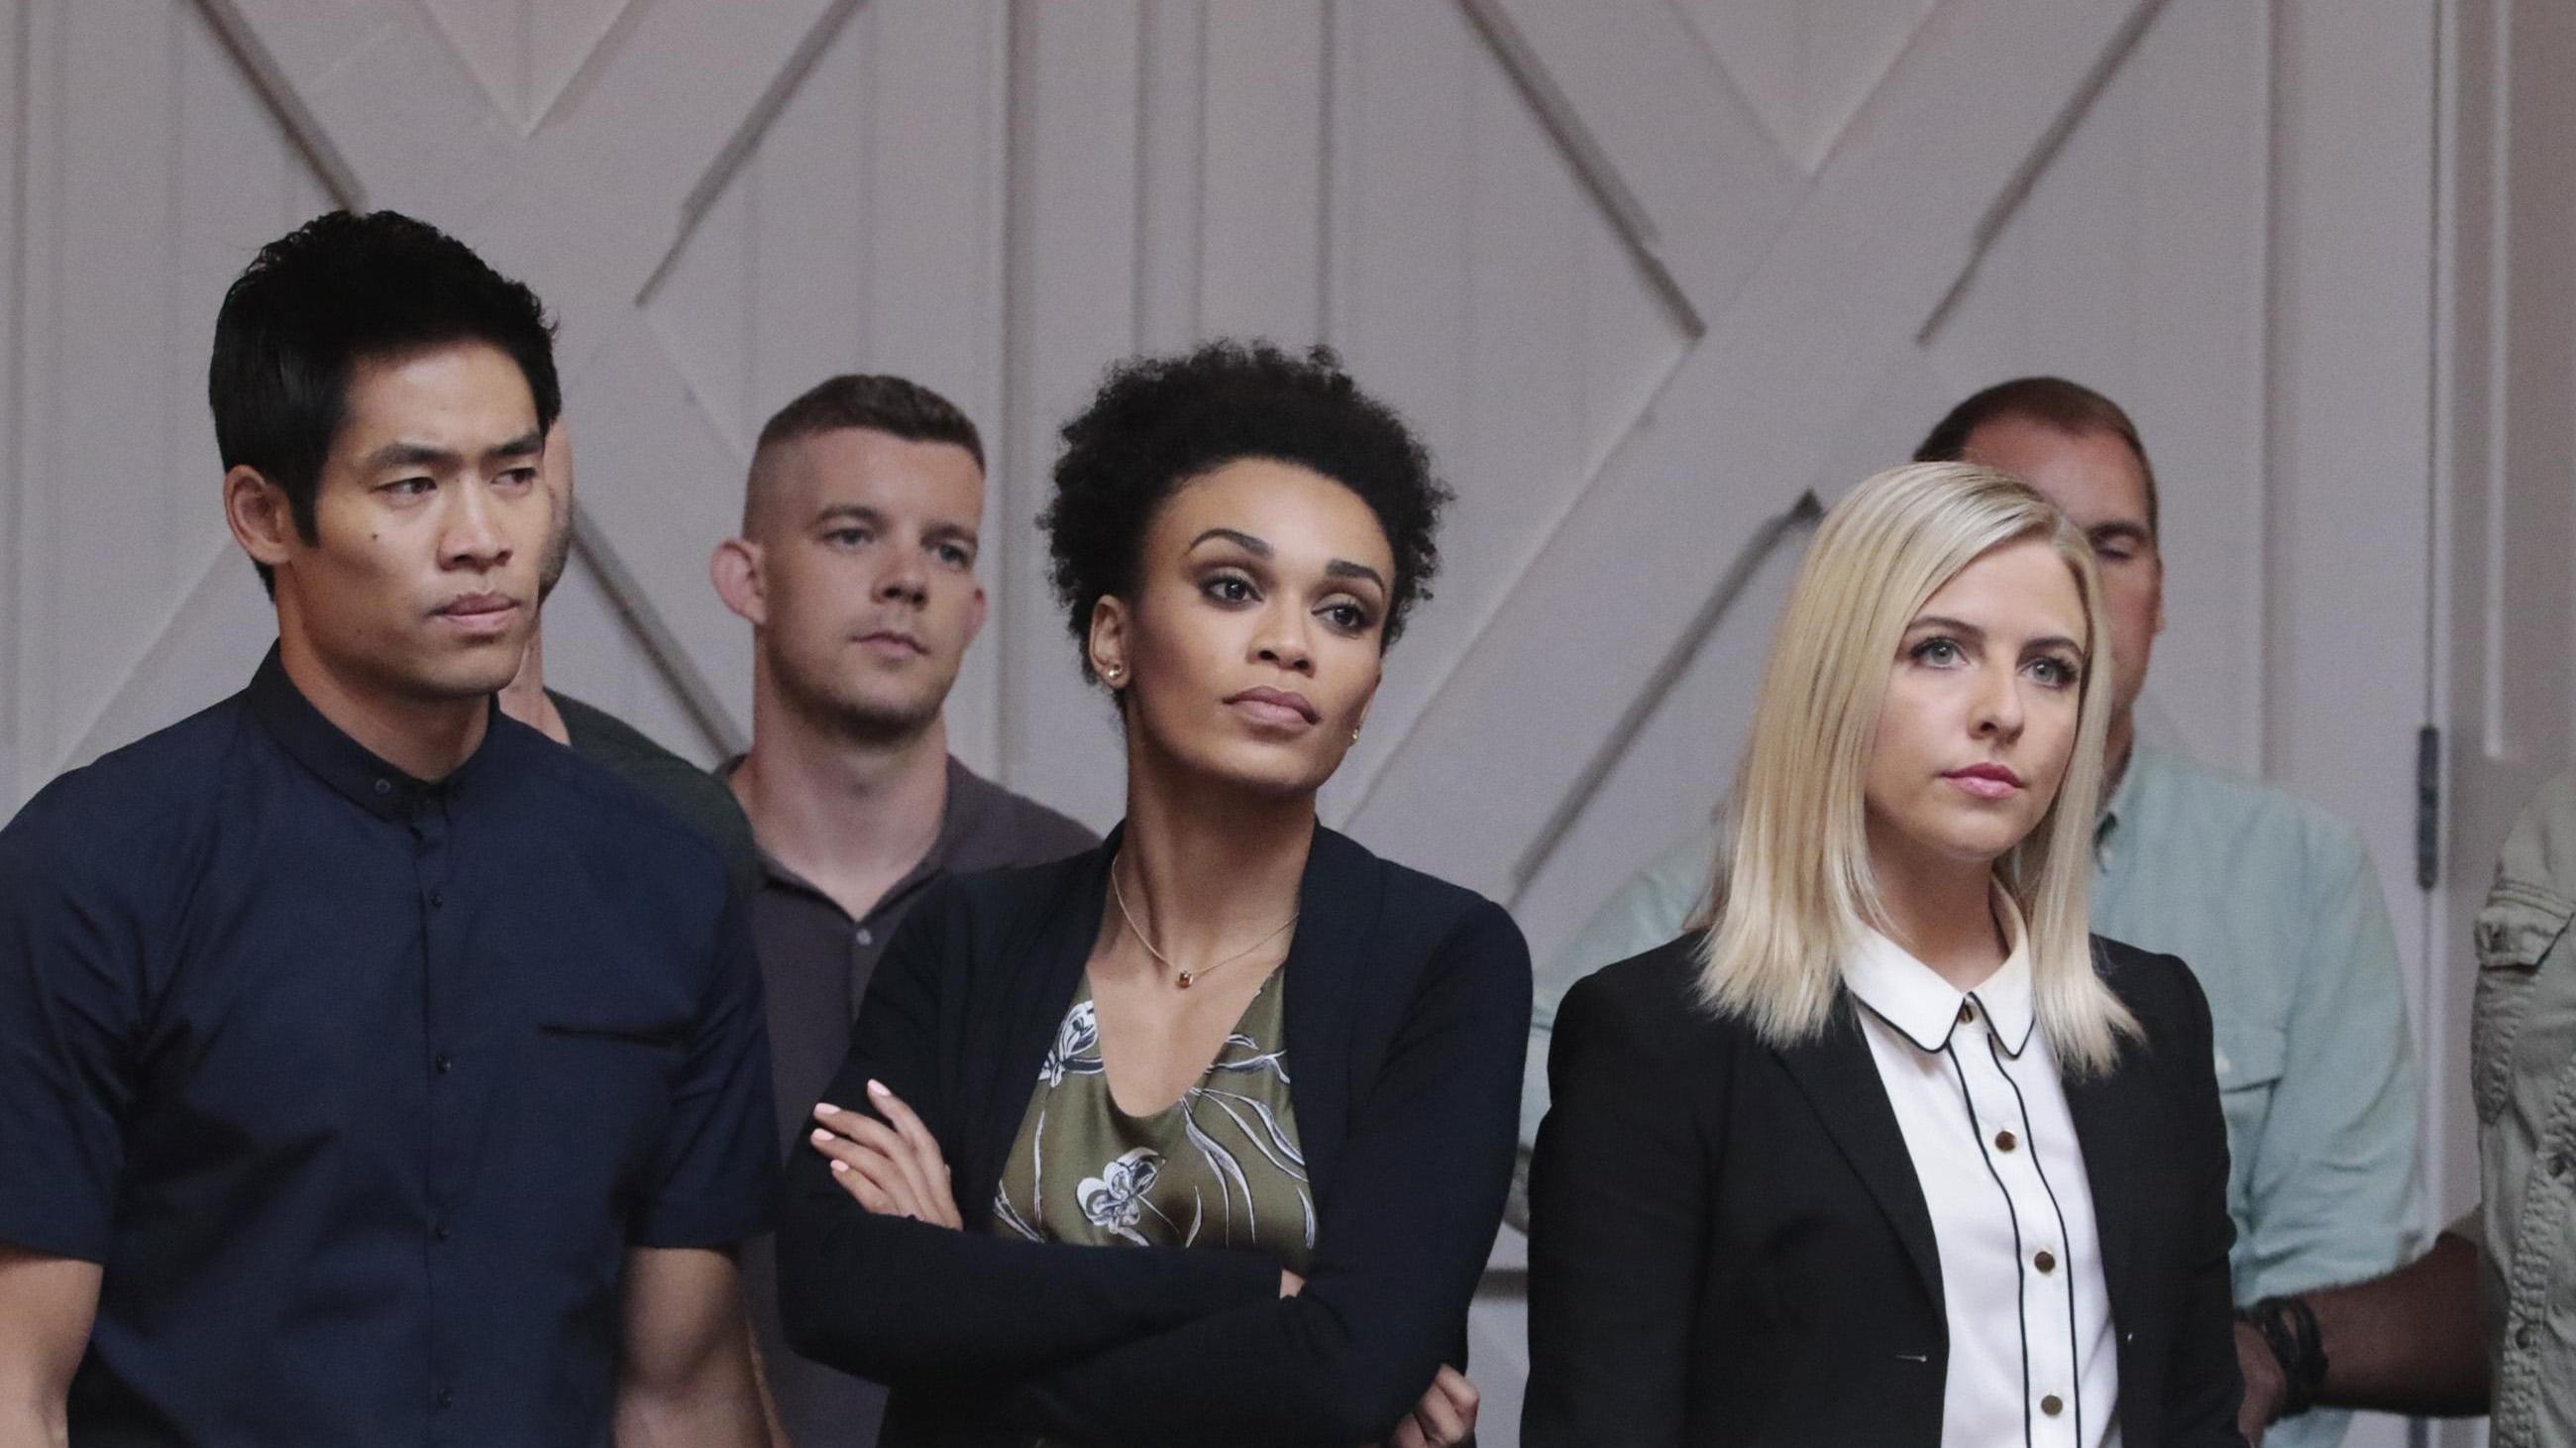 Quantico Full Episodes | Watch Season 3 Online - ABC.com